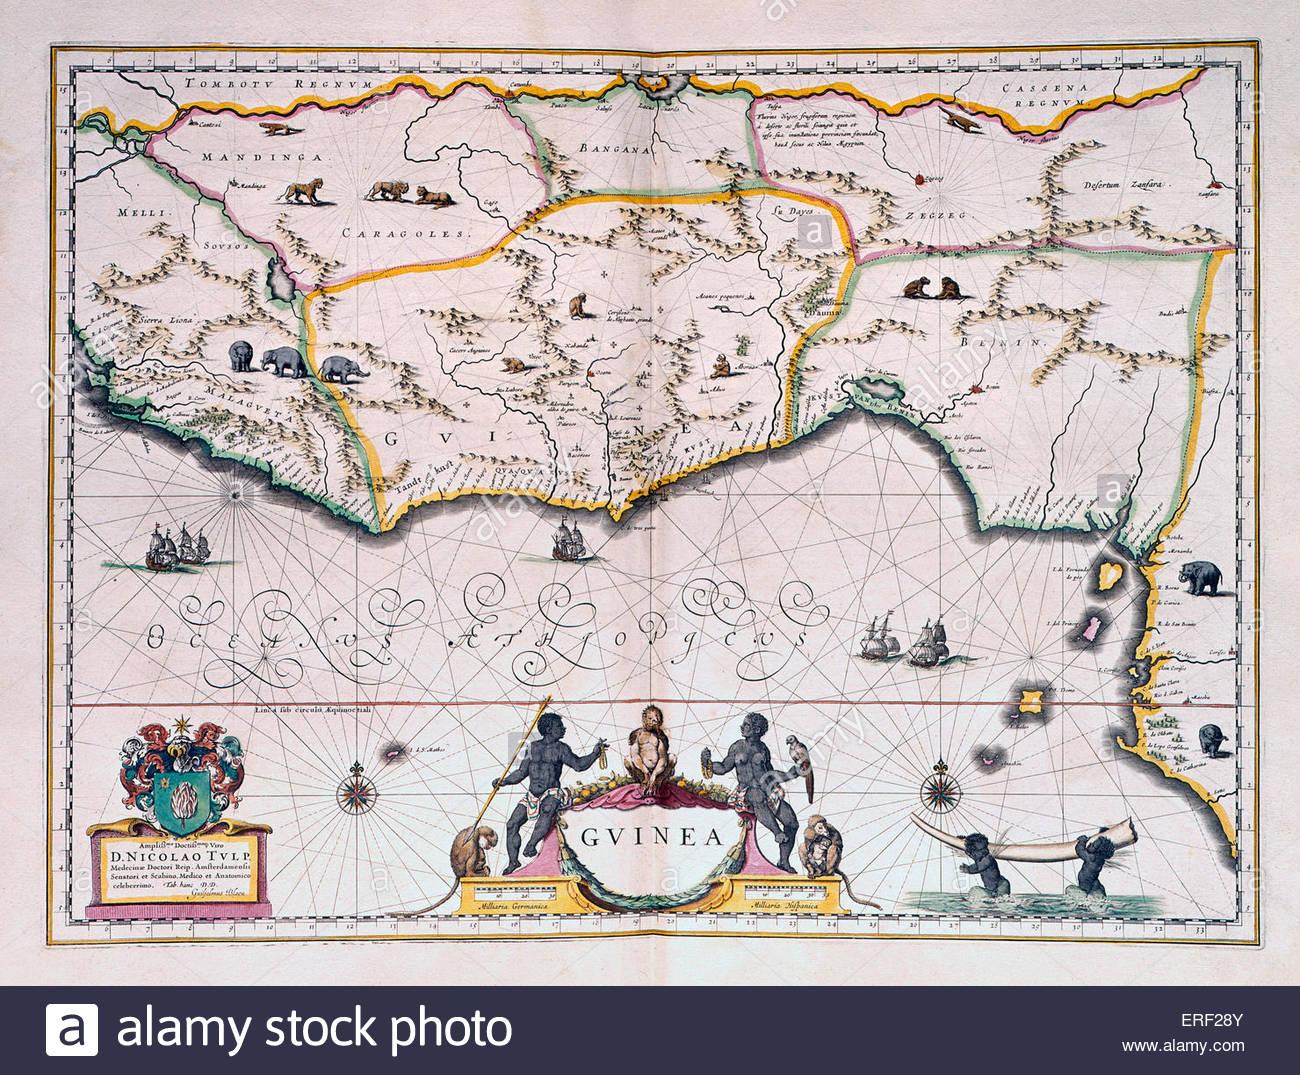 Karte von niederländischen Guinea von Joan Blaeu, Sohn von Willem Blaeu. Autor, Vater des Atlas Novus (1635) Stockbild